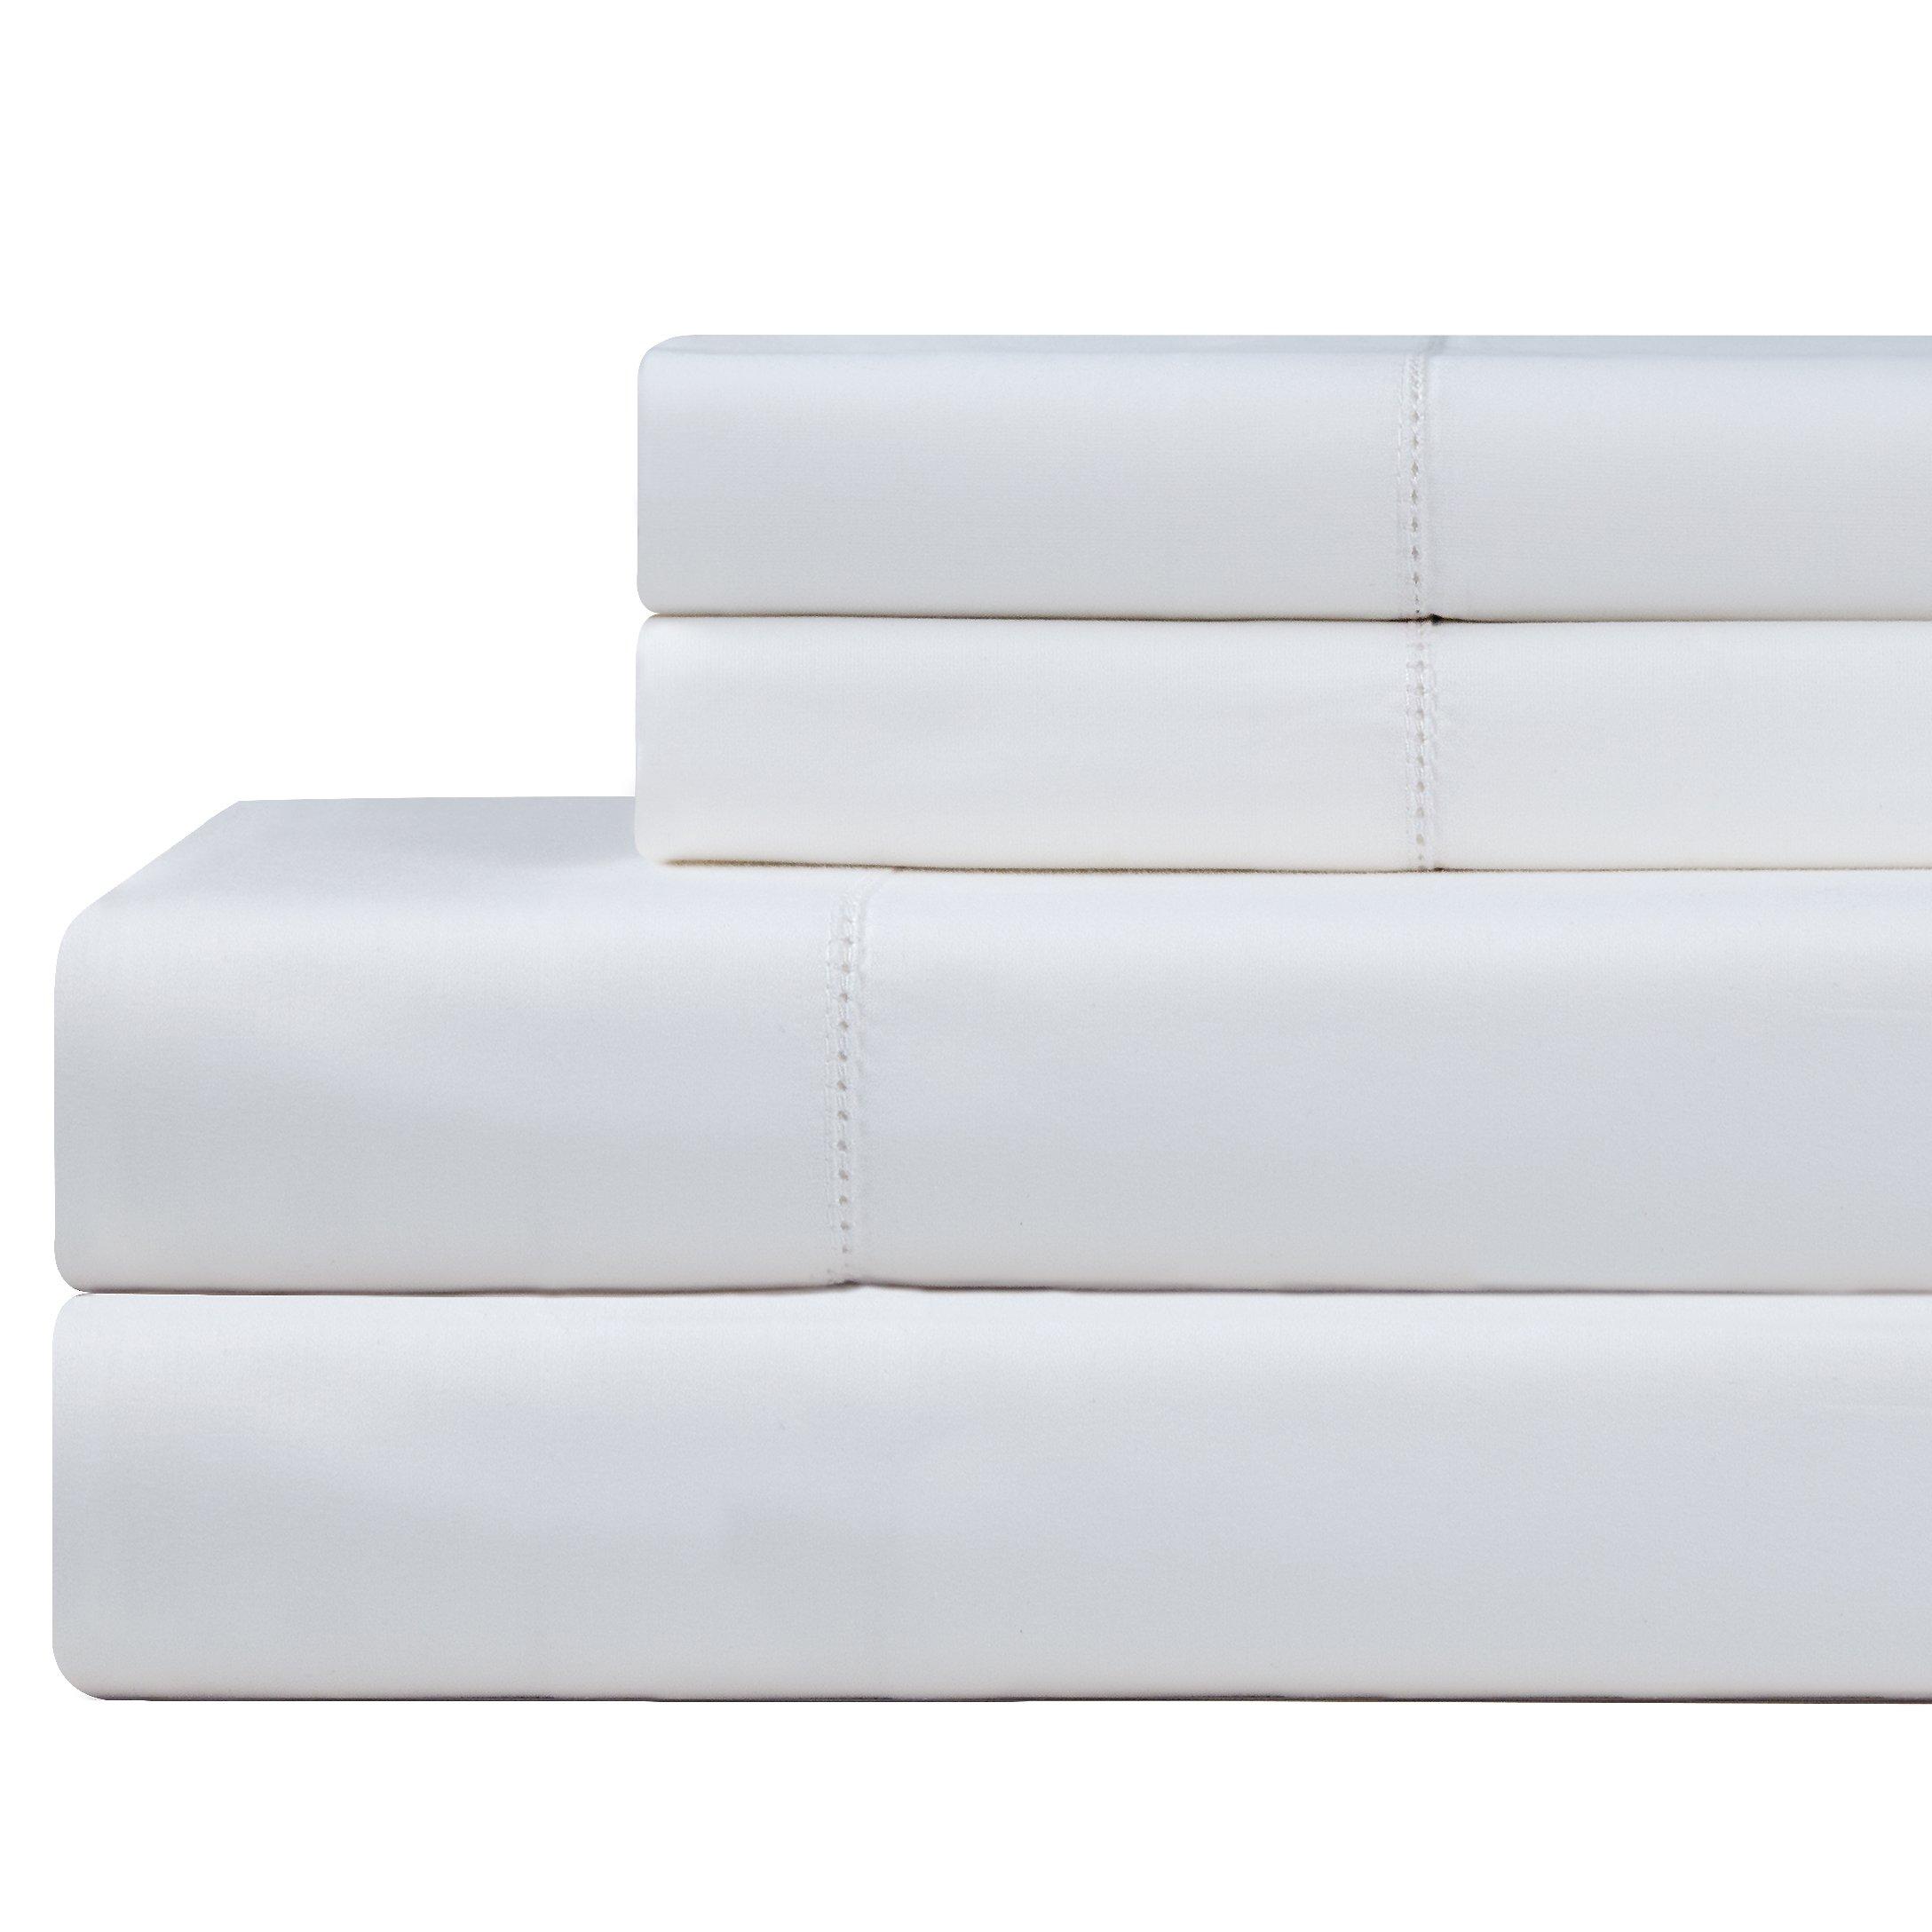 Celeste Home 610 Thread Count Pima Cotton Pillowcases, King, White